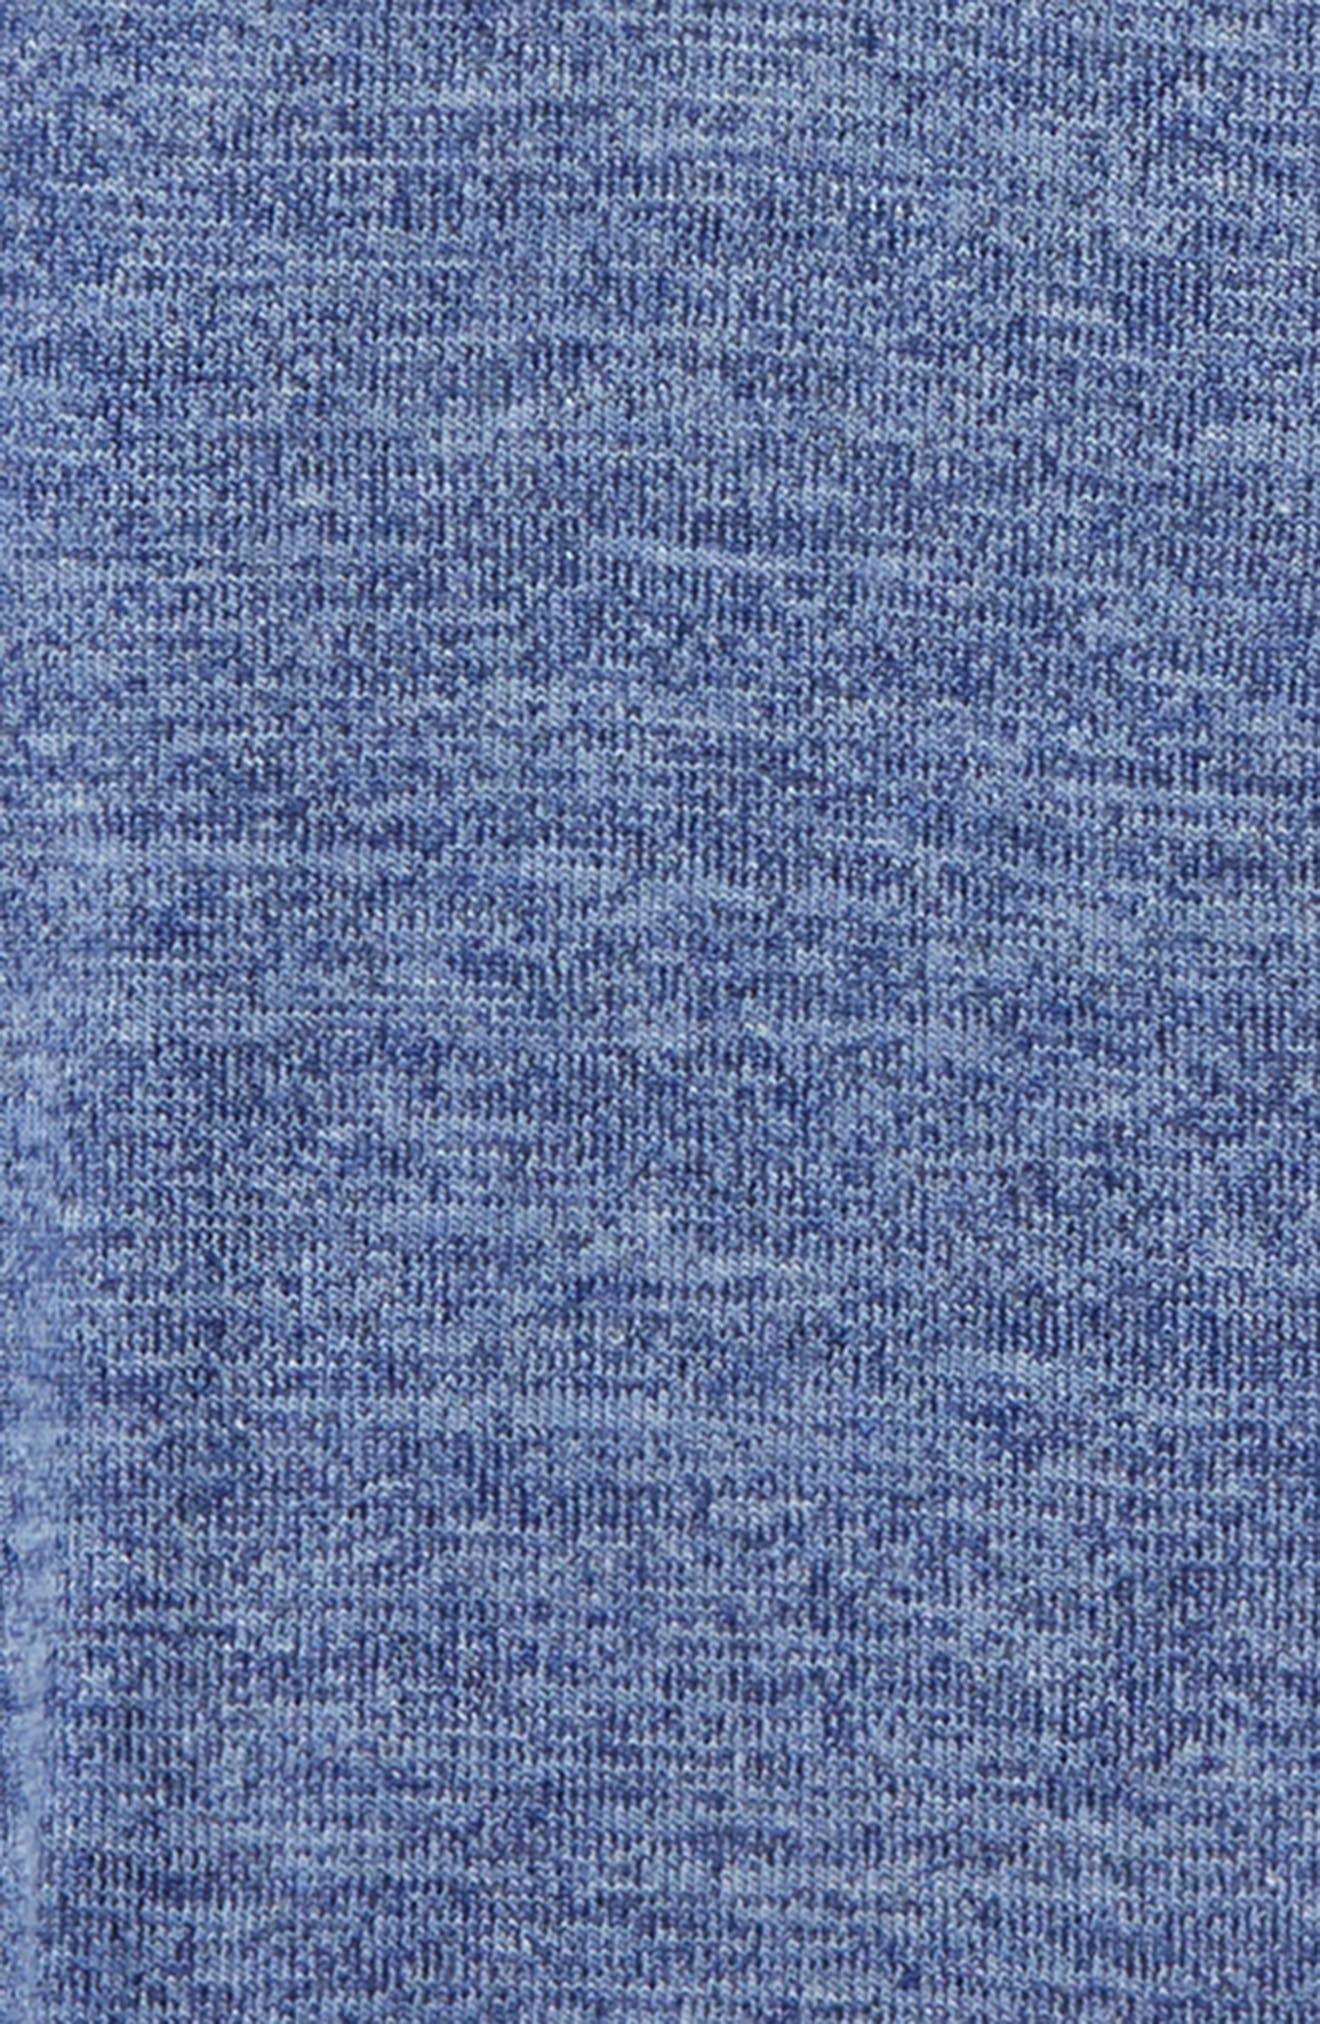 Landon Knit Shirt,                             Alternate thumbnail 2, color,                             400